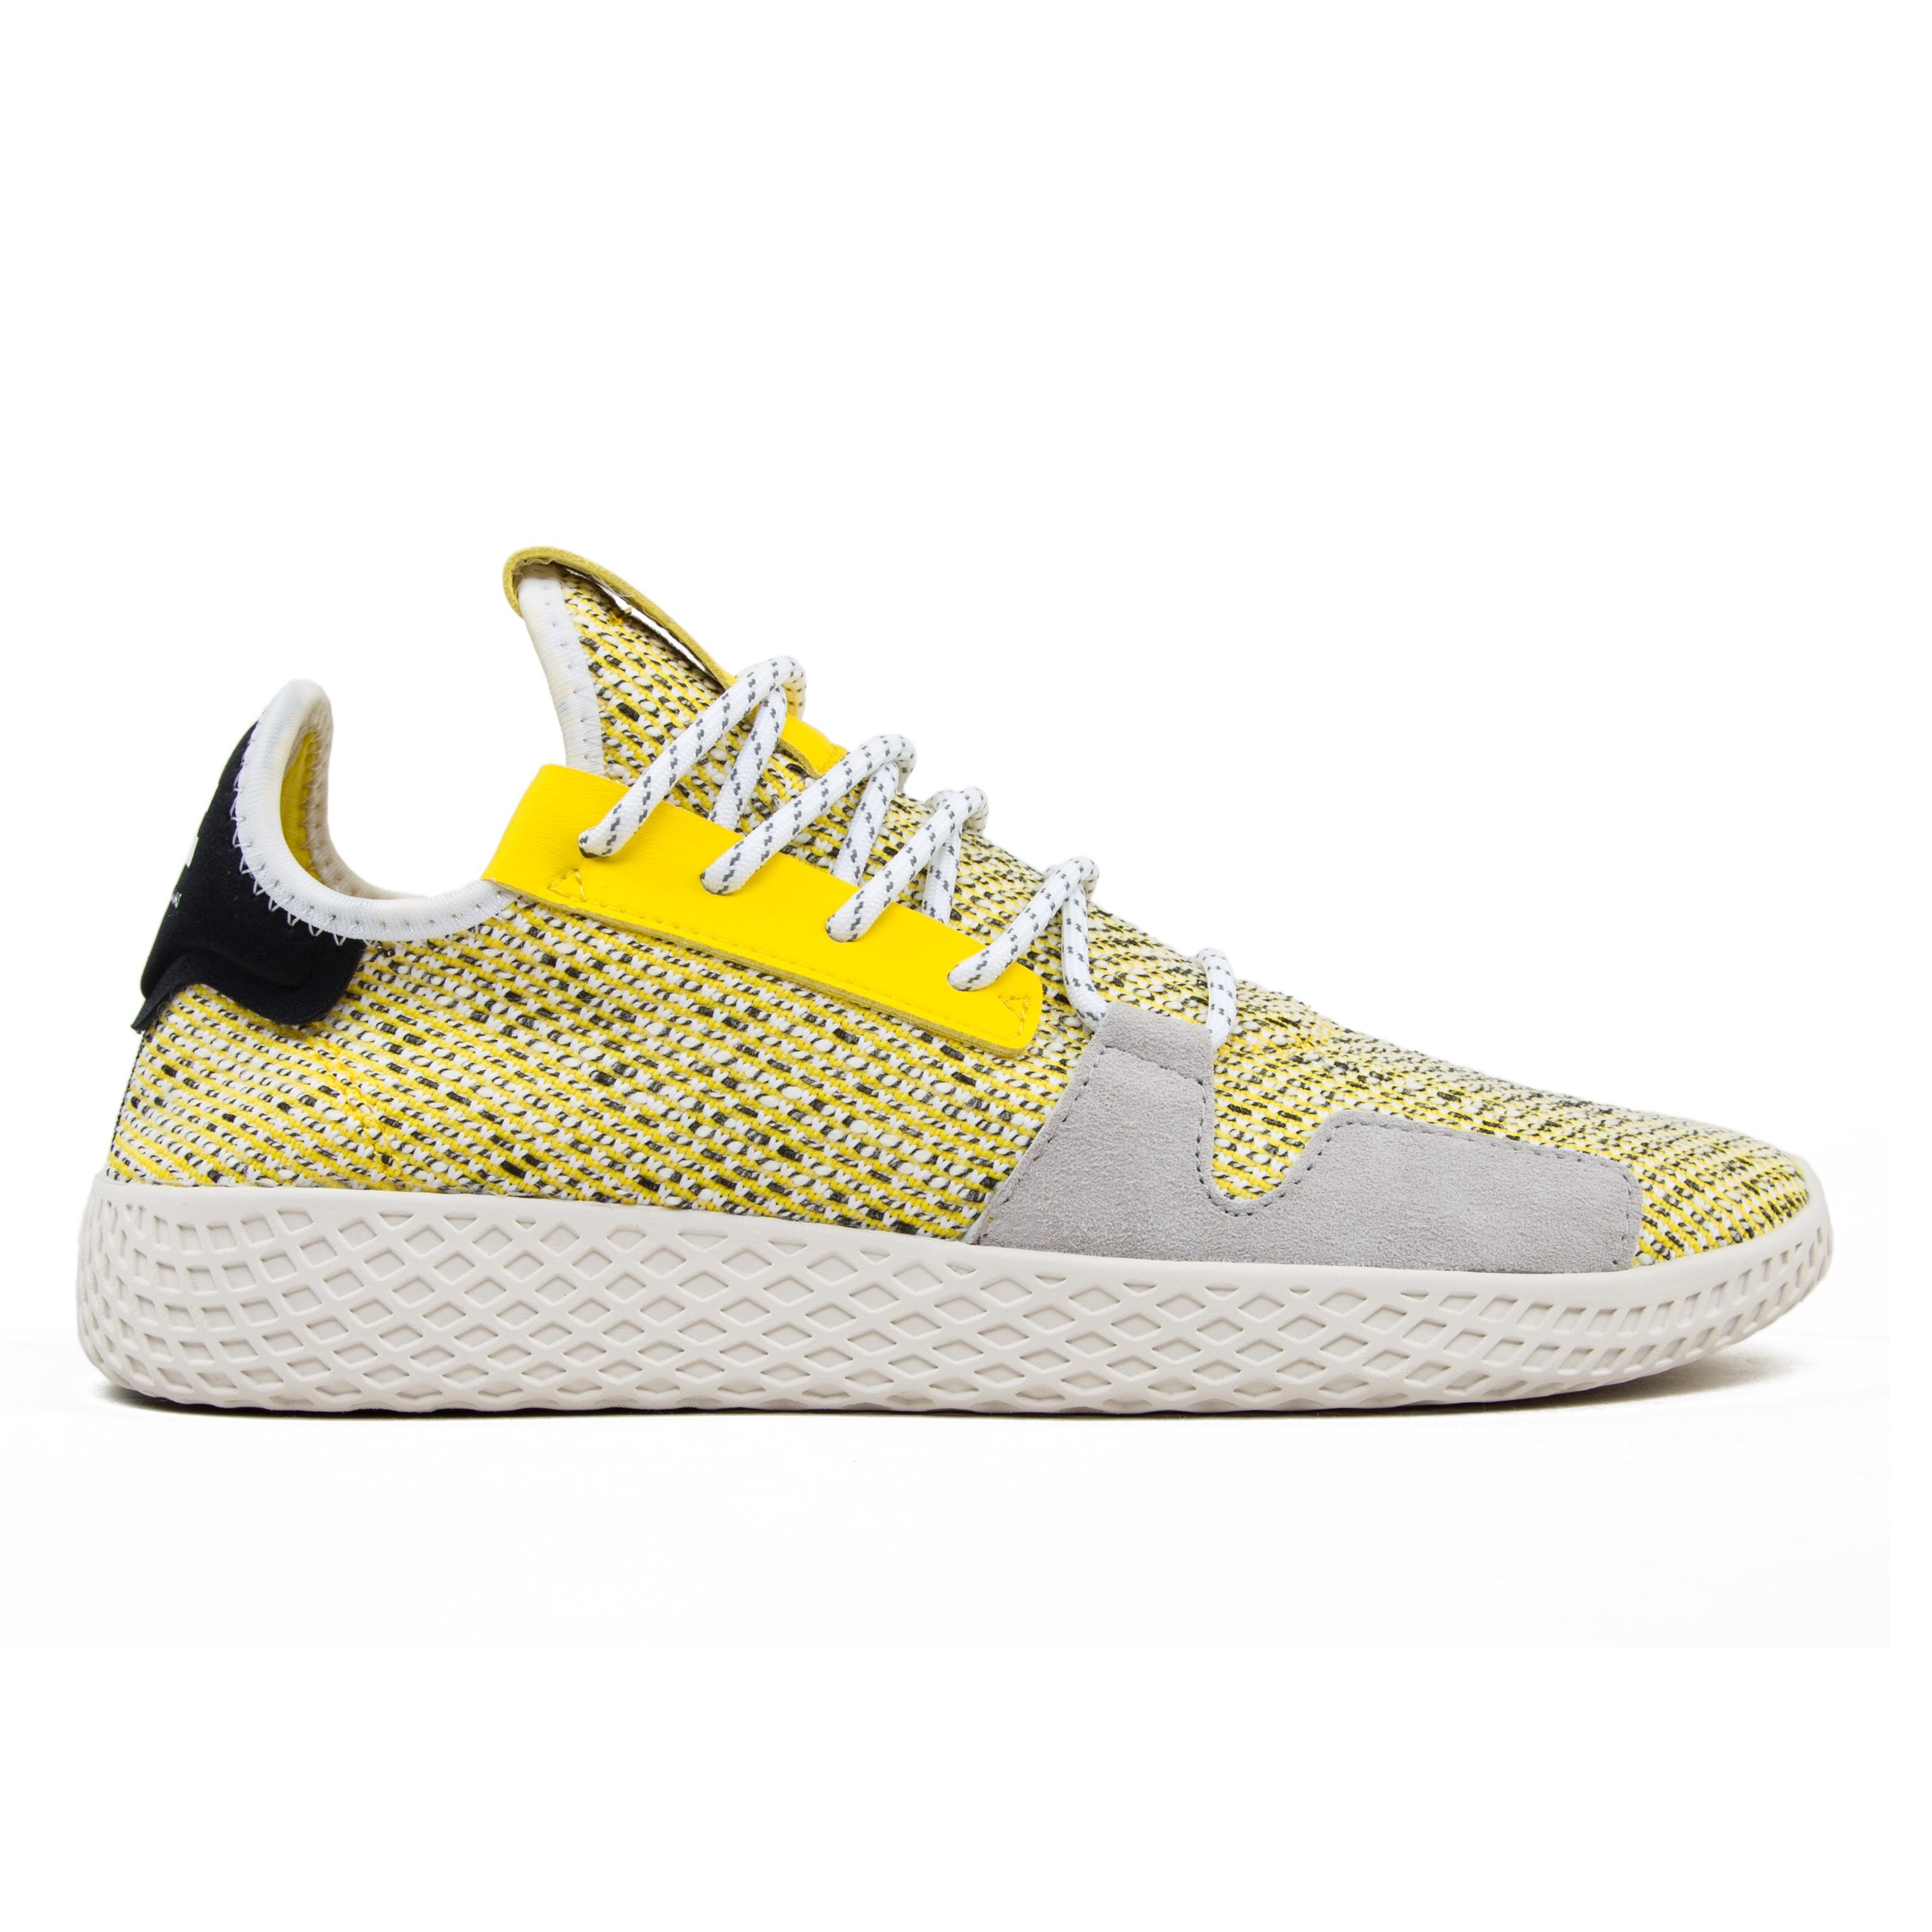 6011e4a9a adidas Originals x Pharrell Williams SOLARHU Tennis V2  Solar Pack ...